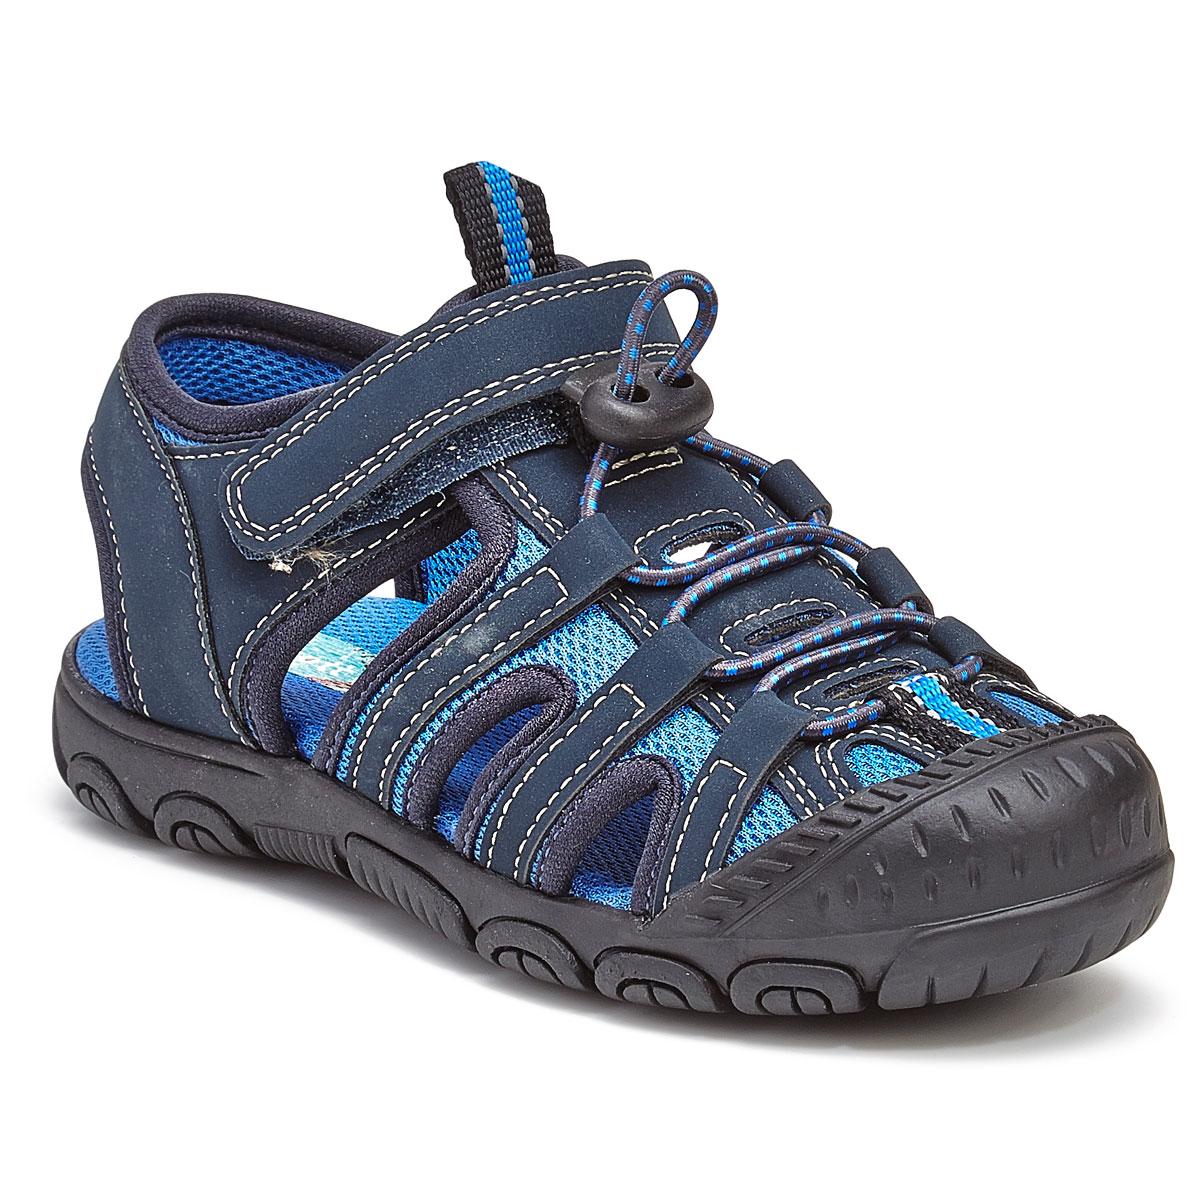 Rachel Shoes Toddler Boys' Lil' Lucas Bump Toe Sandals - Blue, 6